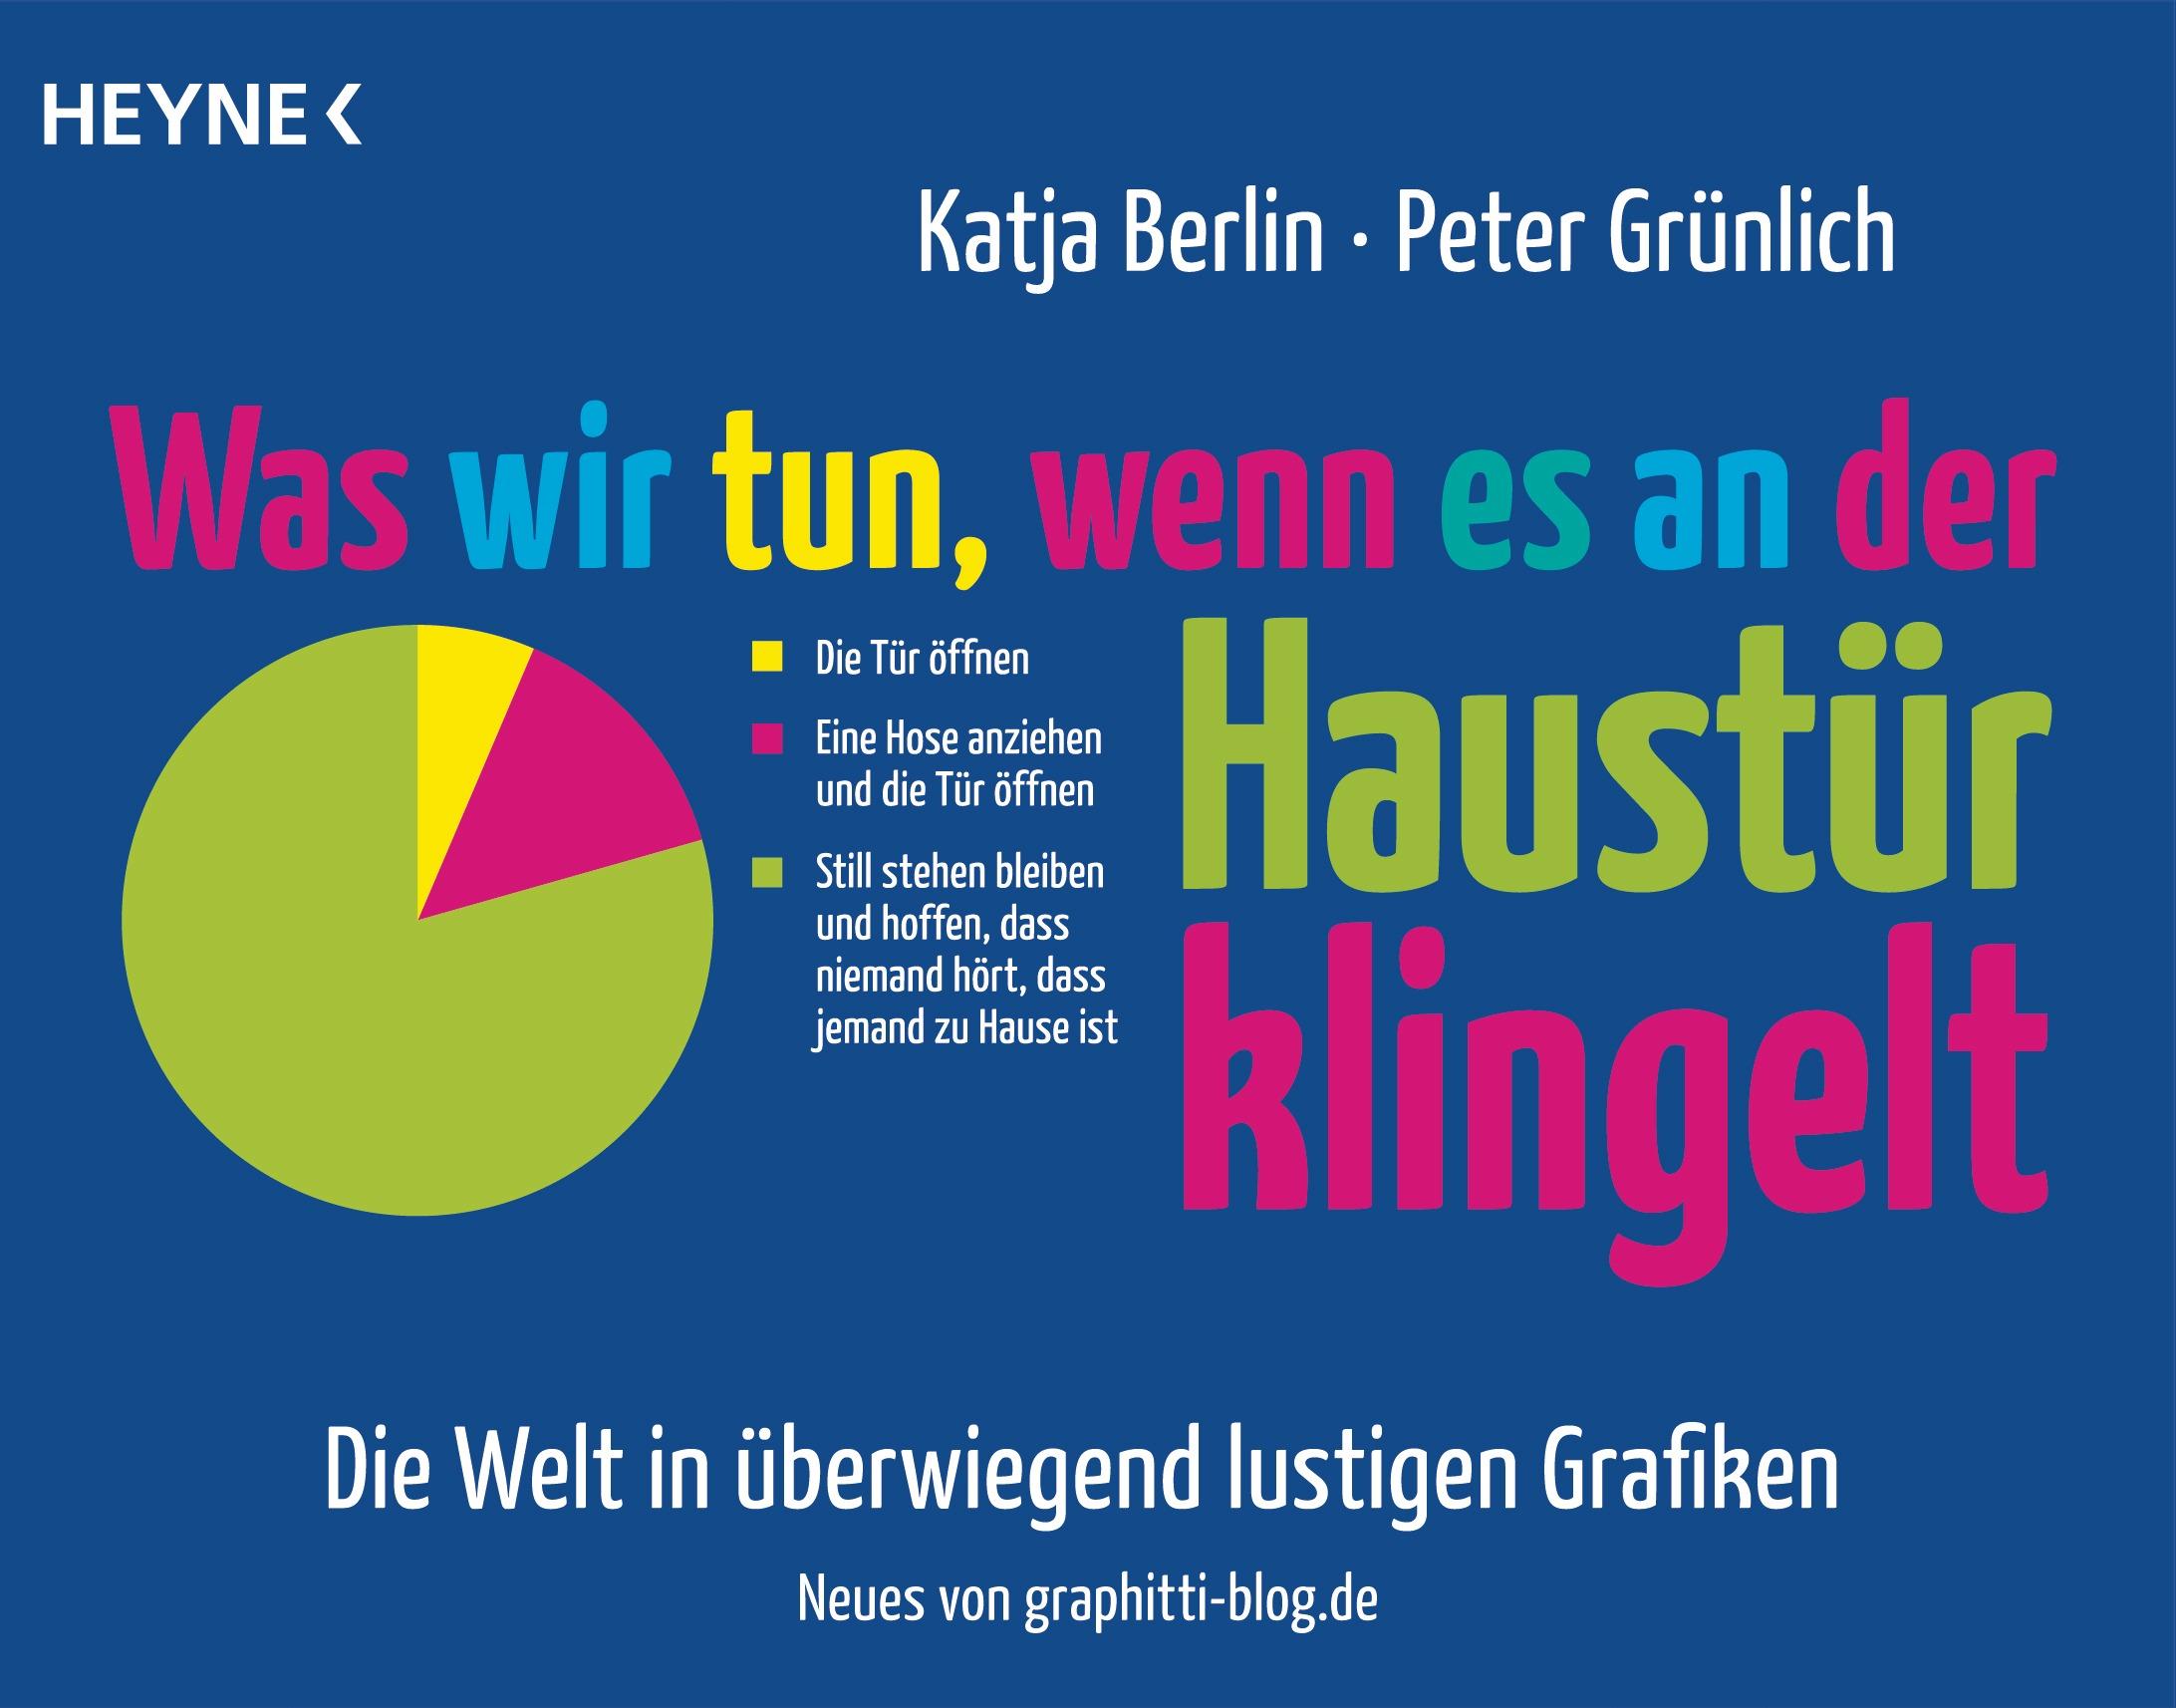 Was wir tun, wenn es an der Haustür klingelt: Die Welt in überwiegend lustigen Grafiken - Neues von graphitti-blog.de -